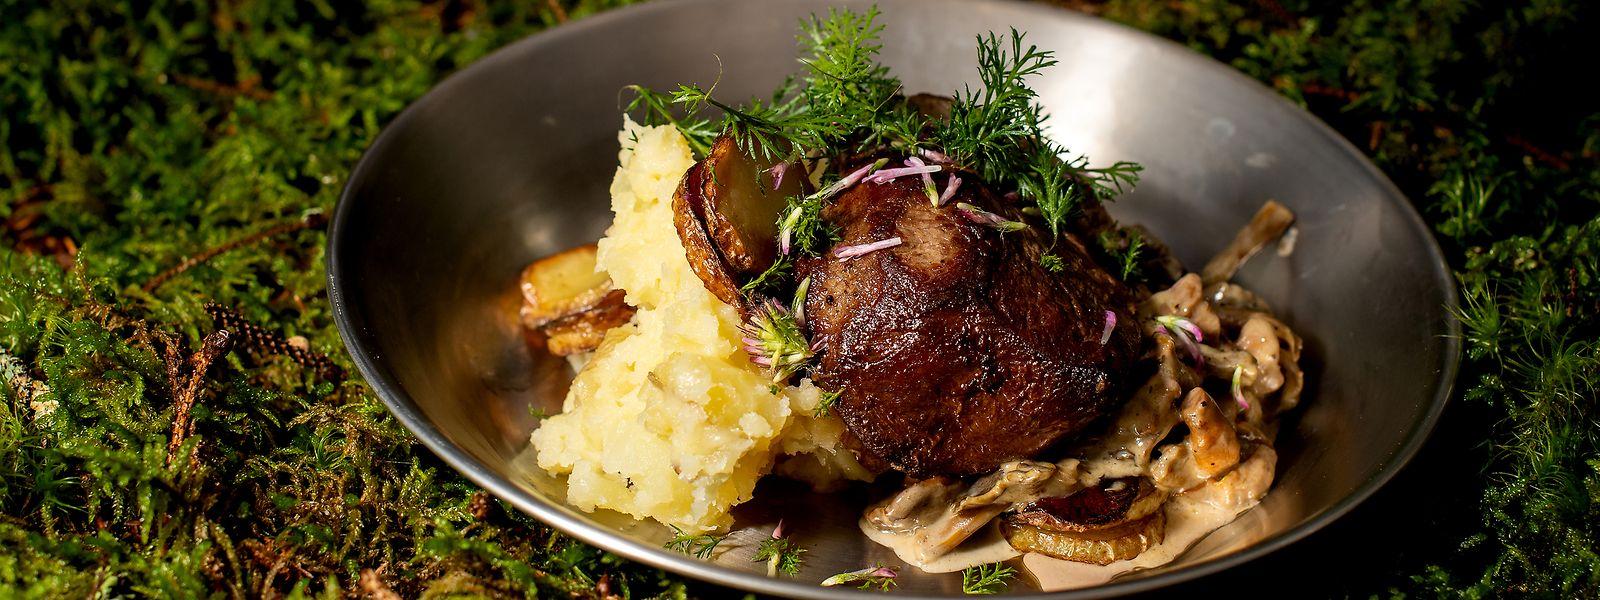 Leckerei aus dem Norden: Reh-Filet mit gebratenen Kartoffeln und in reichlich Sahne gekochten Pilzen.